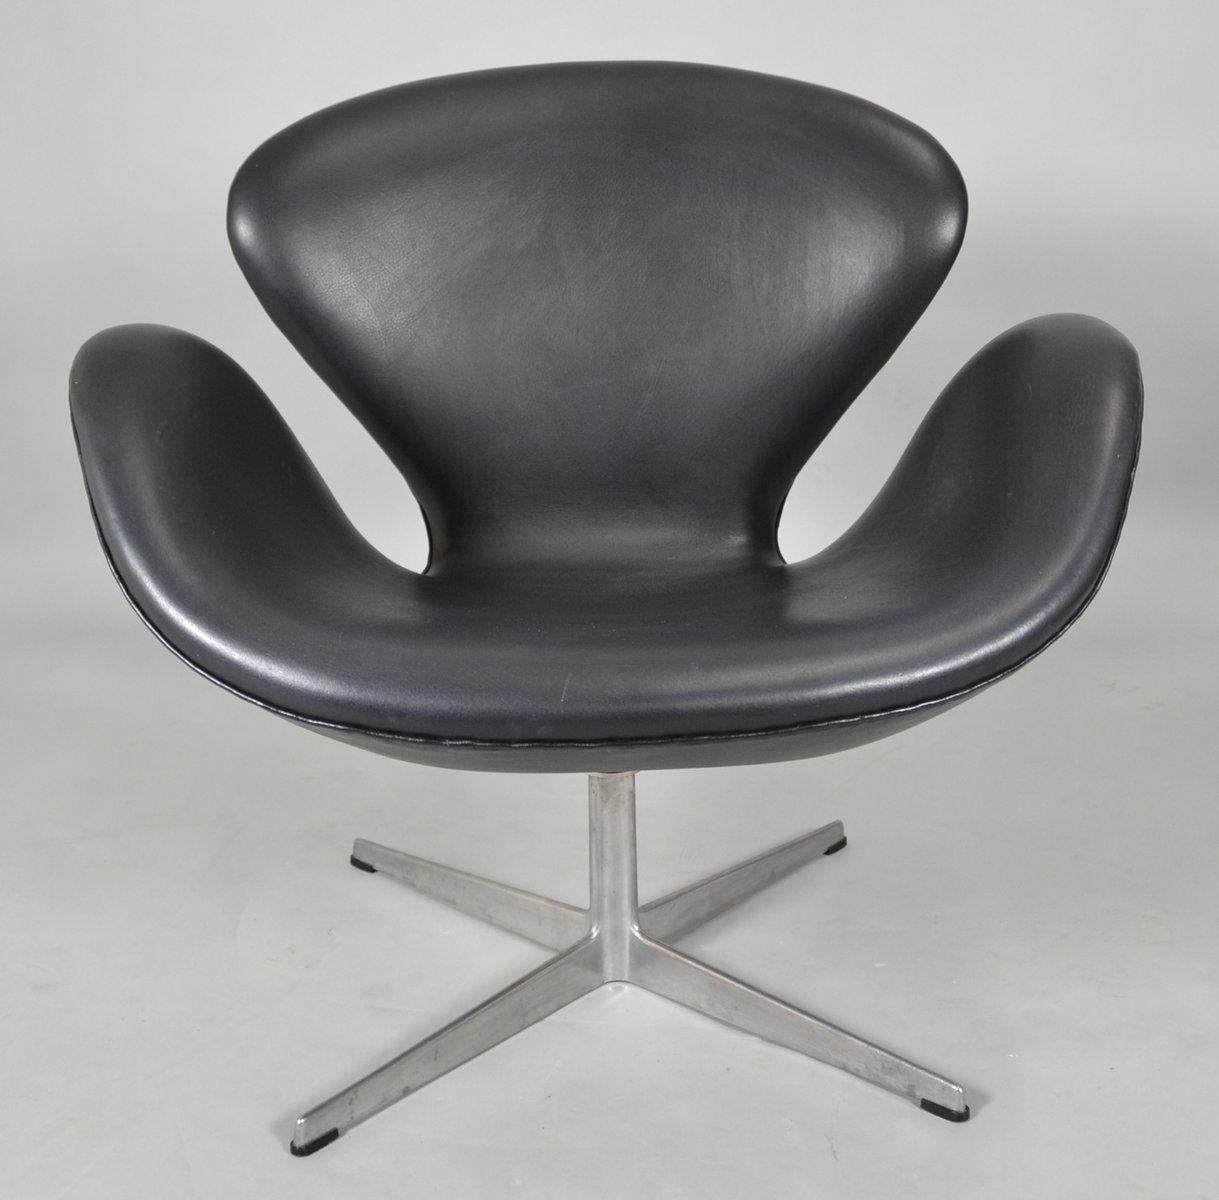 fauteuil swan mid century en cuir noir par arne jacbosen pour fritz hansen en vente sur pamono. Black Bedroom Furniture Sets. Home Design Ideas